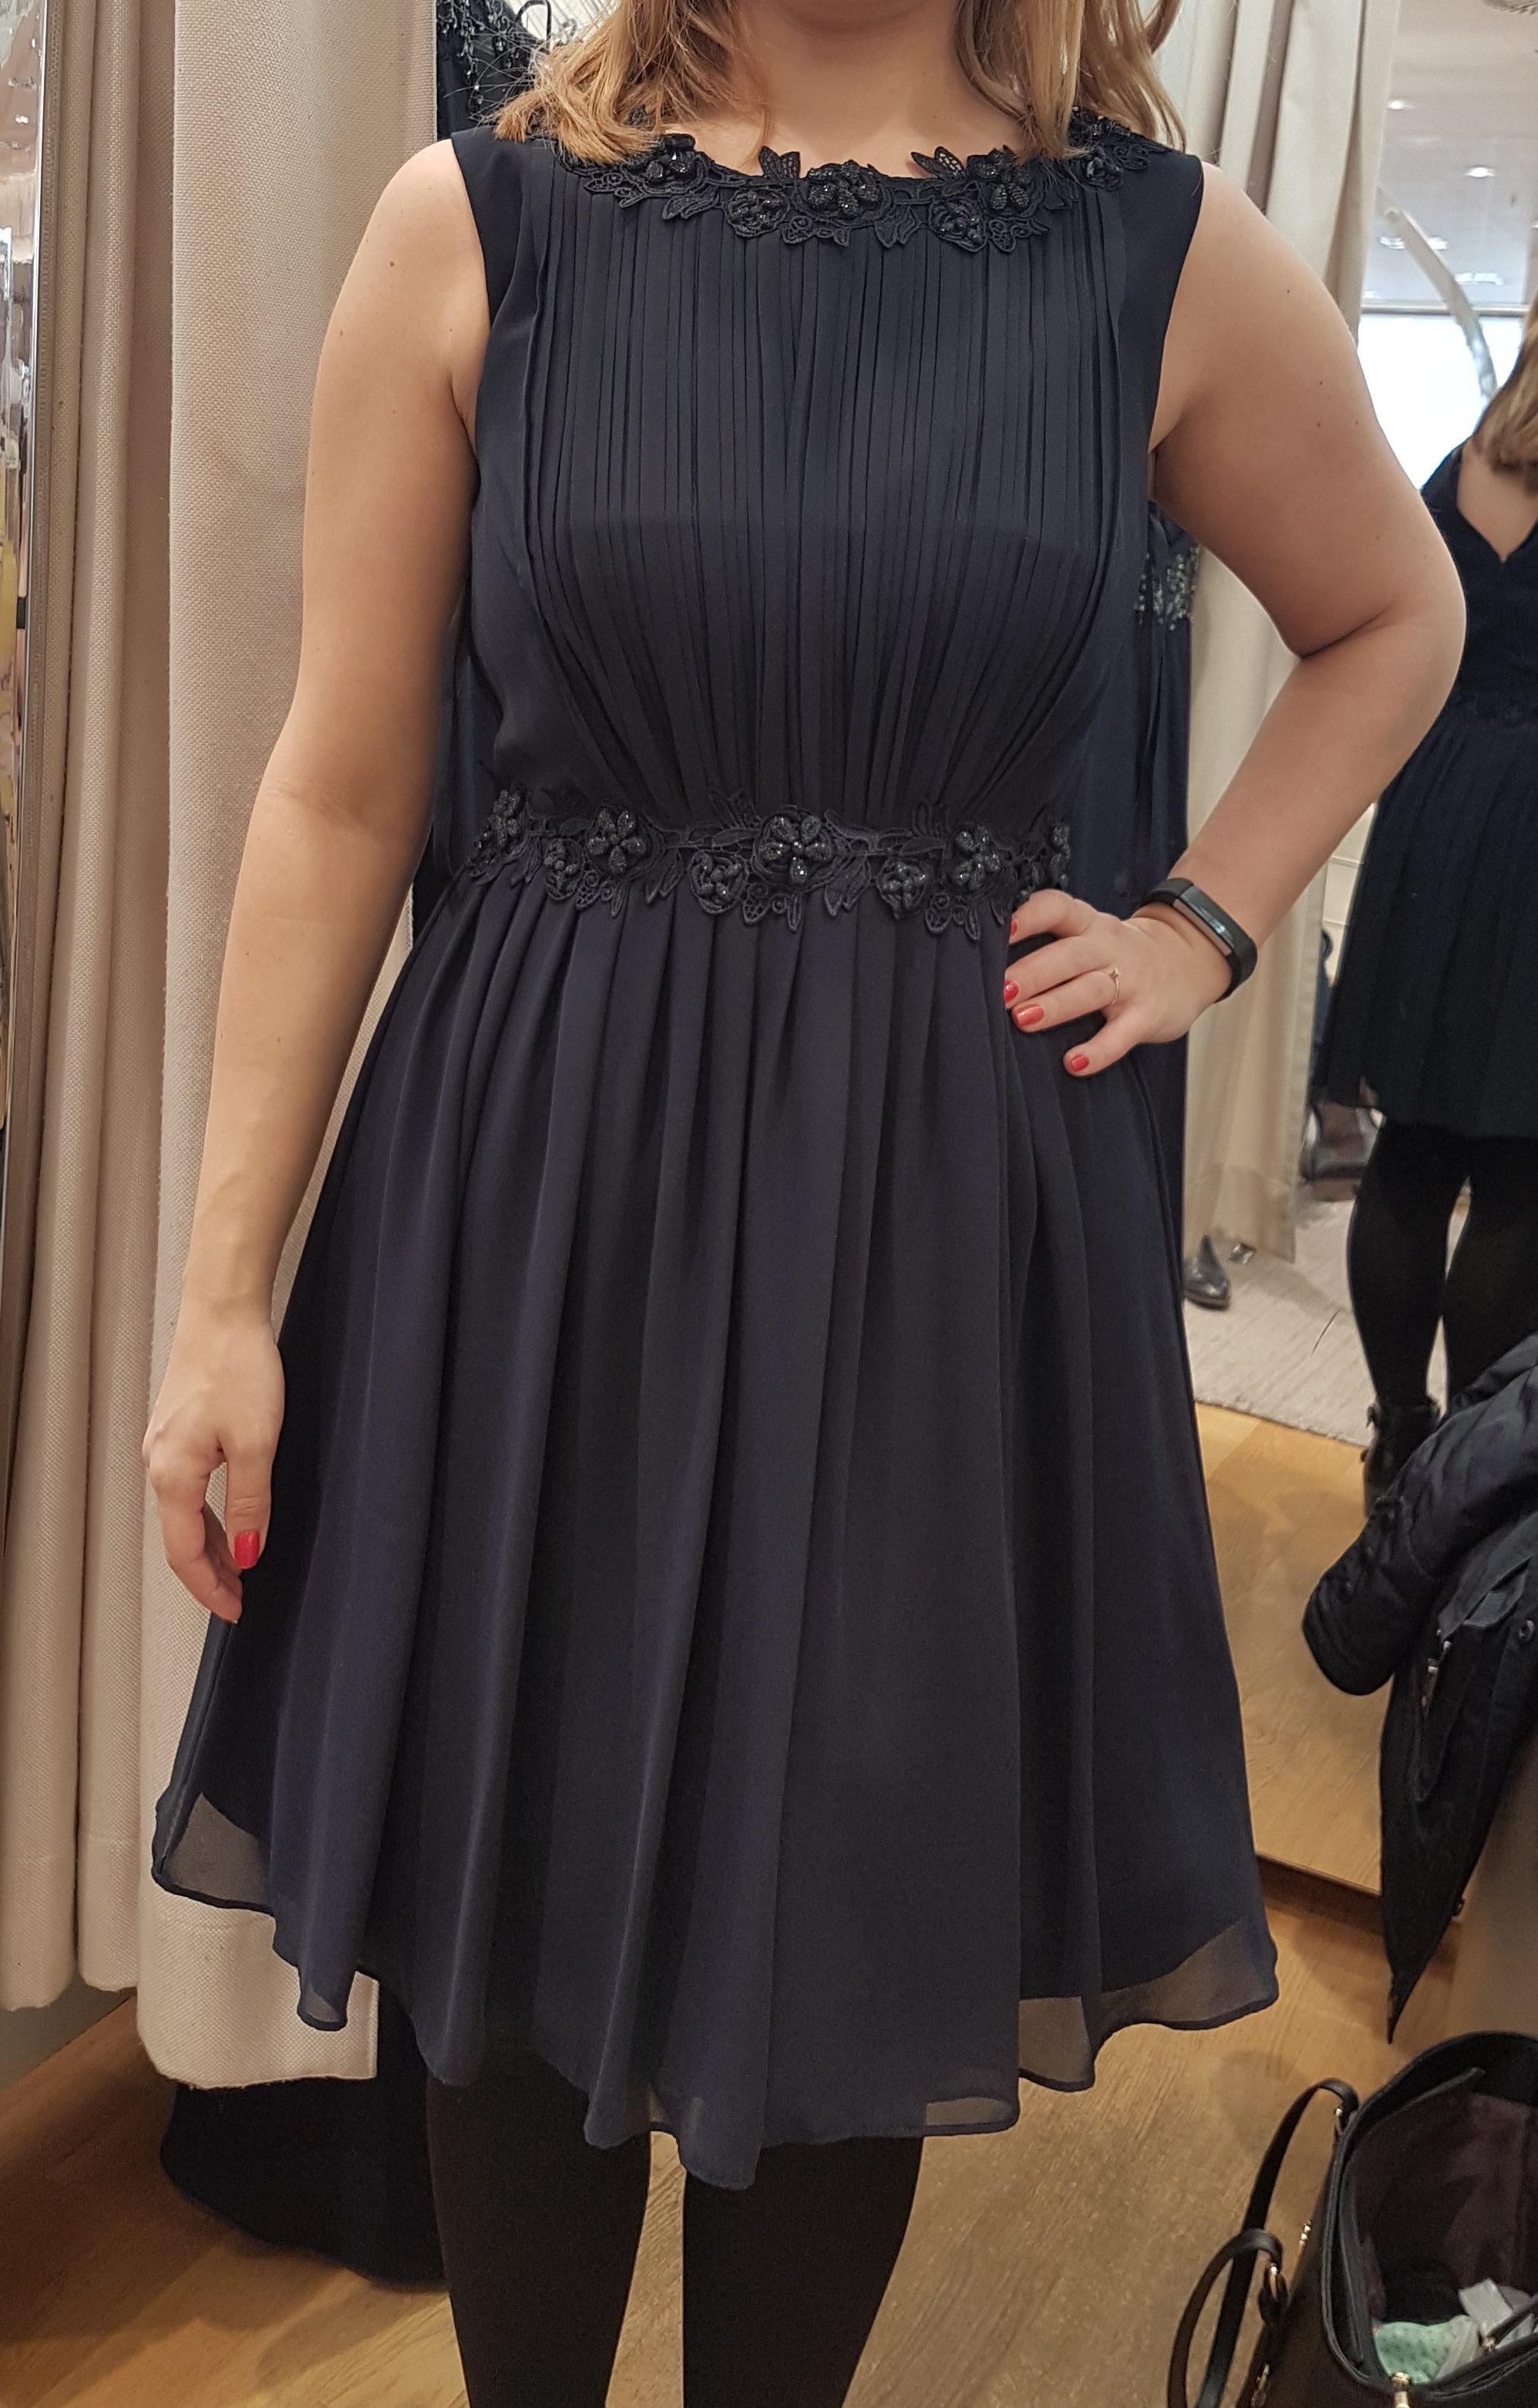 Wochenrückblick 16/ 2017 - Kleid von PeekCloppenburg